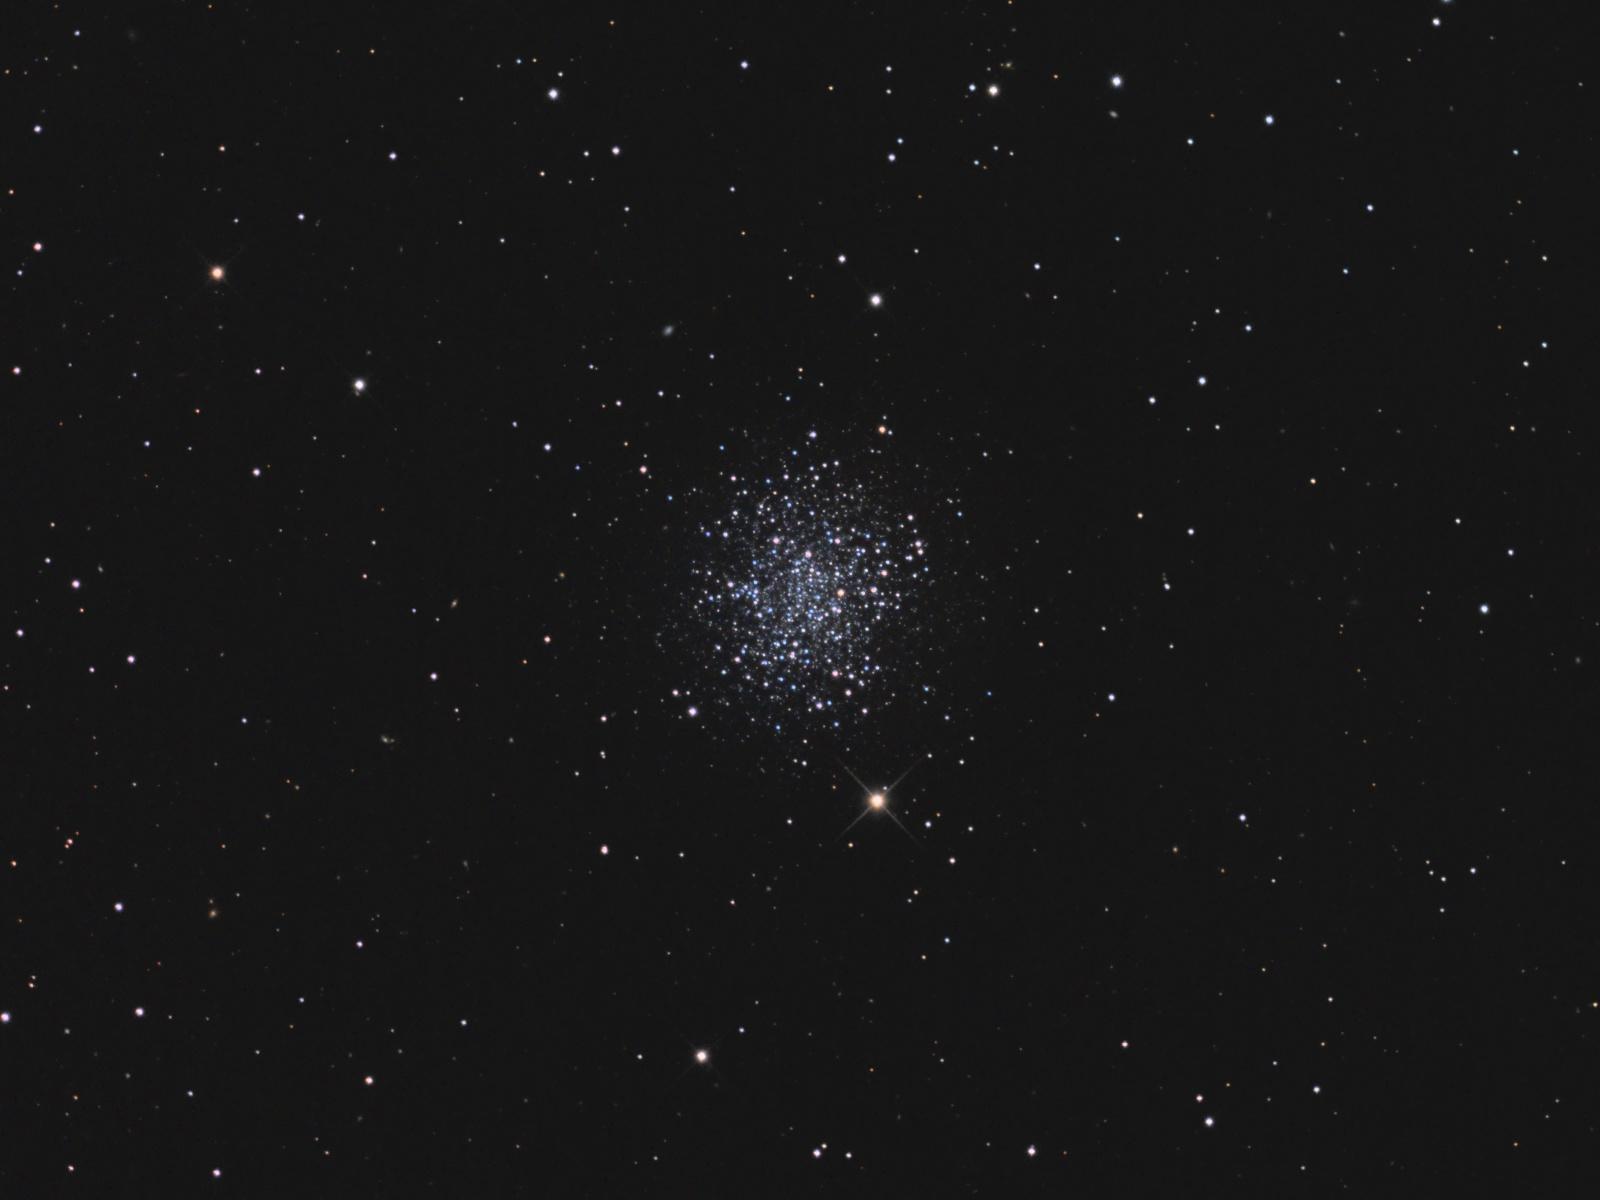 NGC 5053